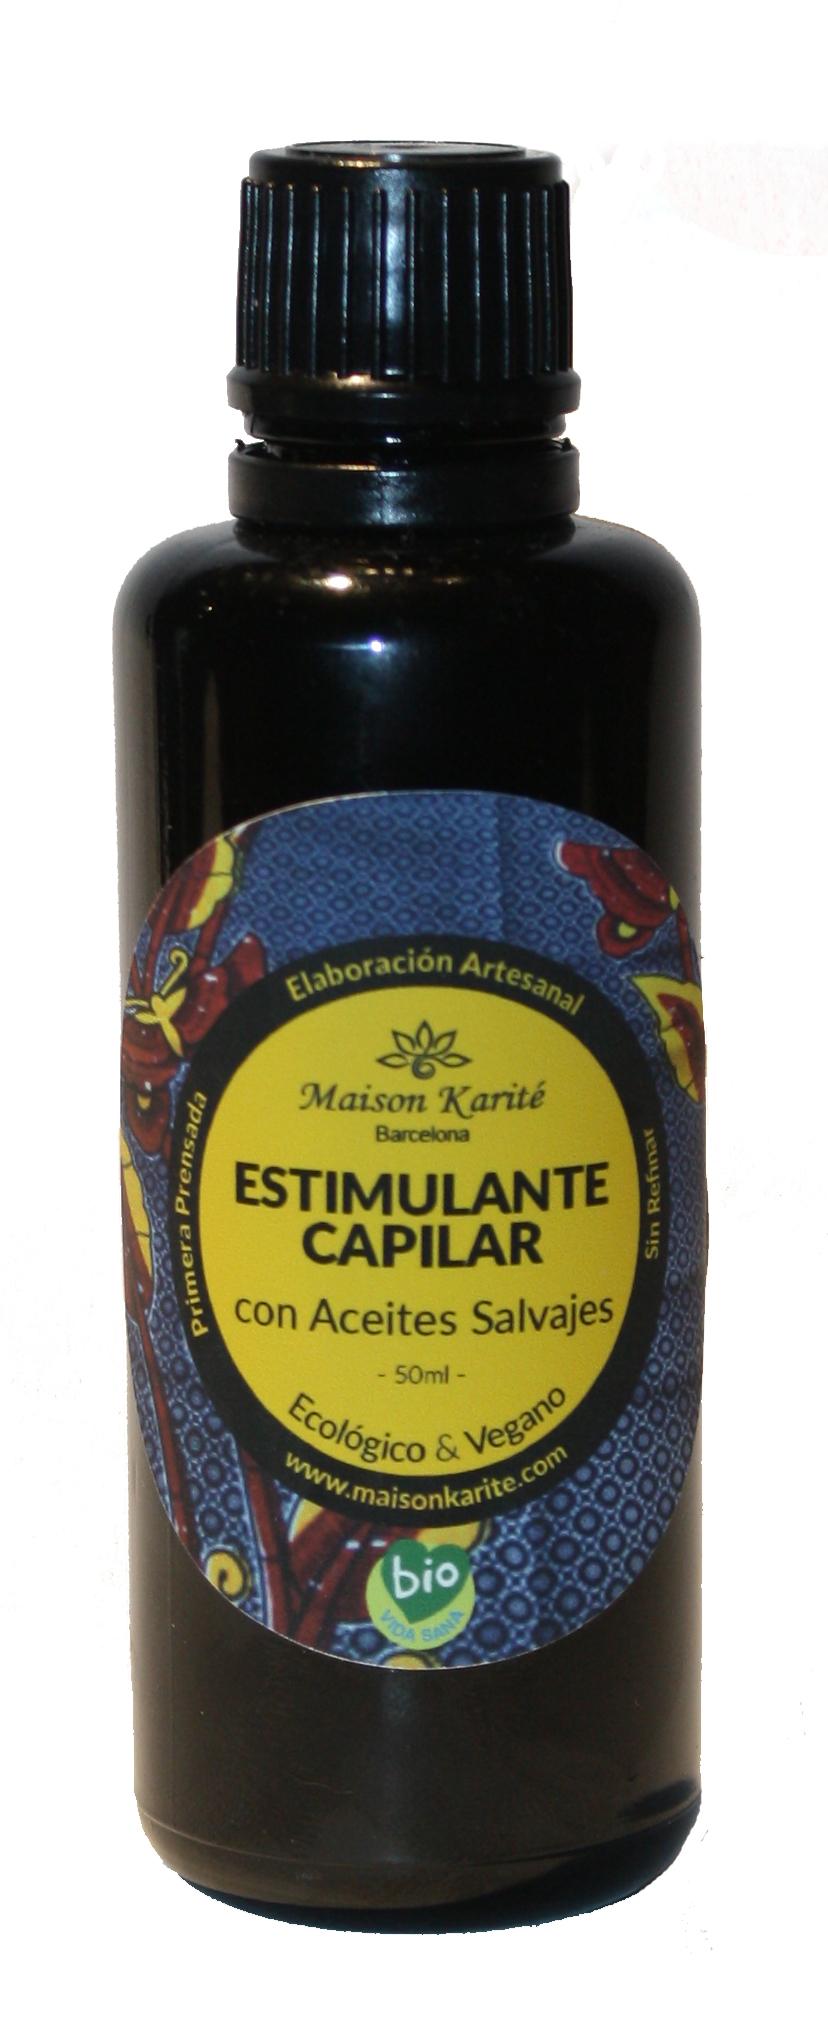 SAMOYDA ESTIMULANTE CAPILAR CON ACEITES SALVAJES